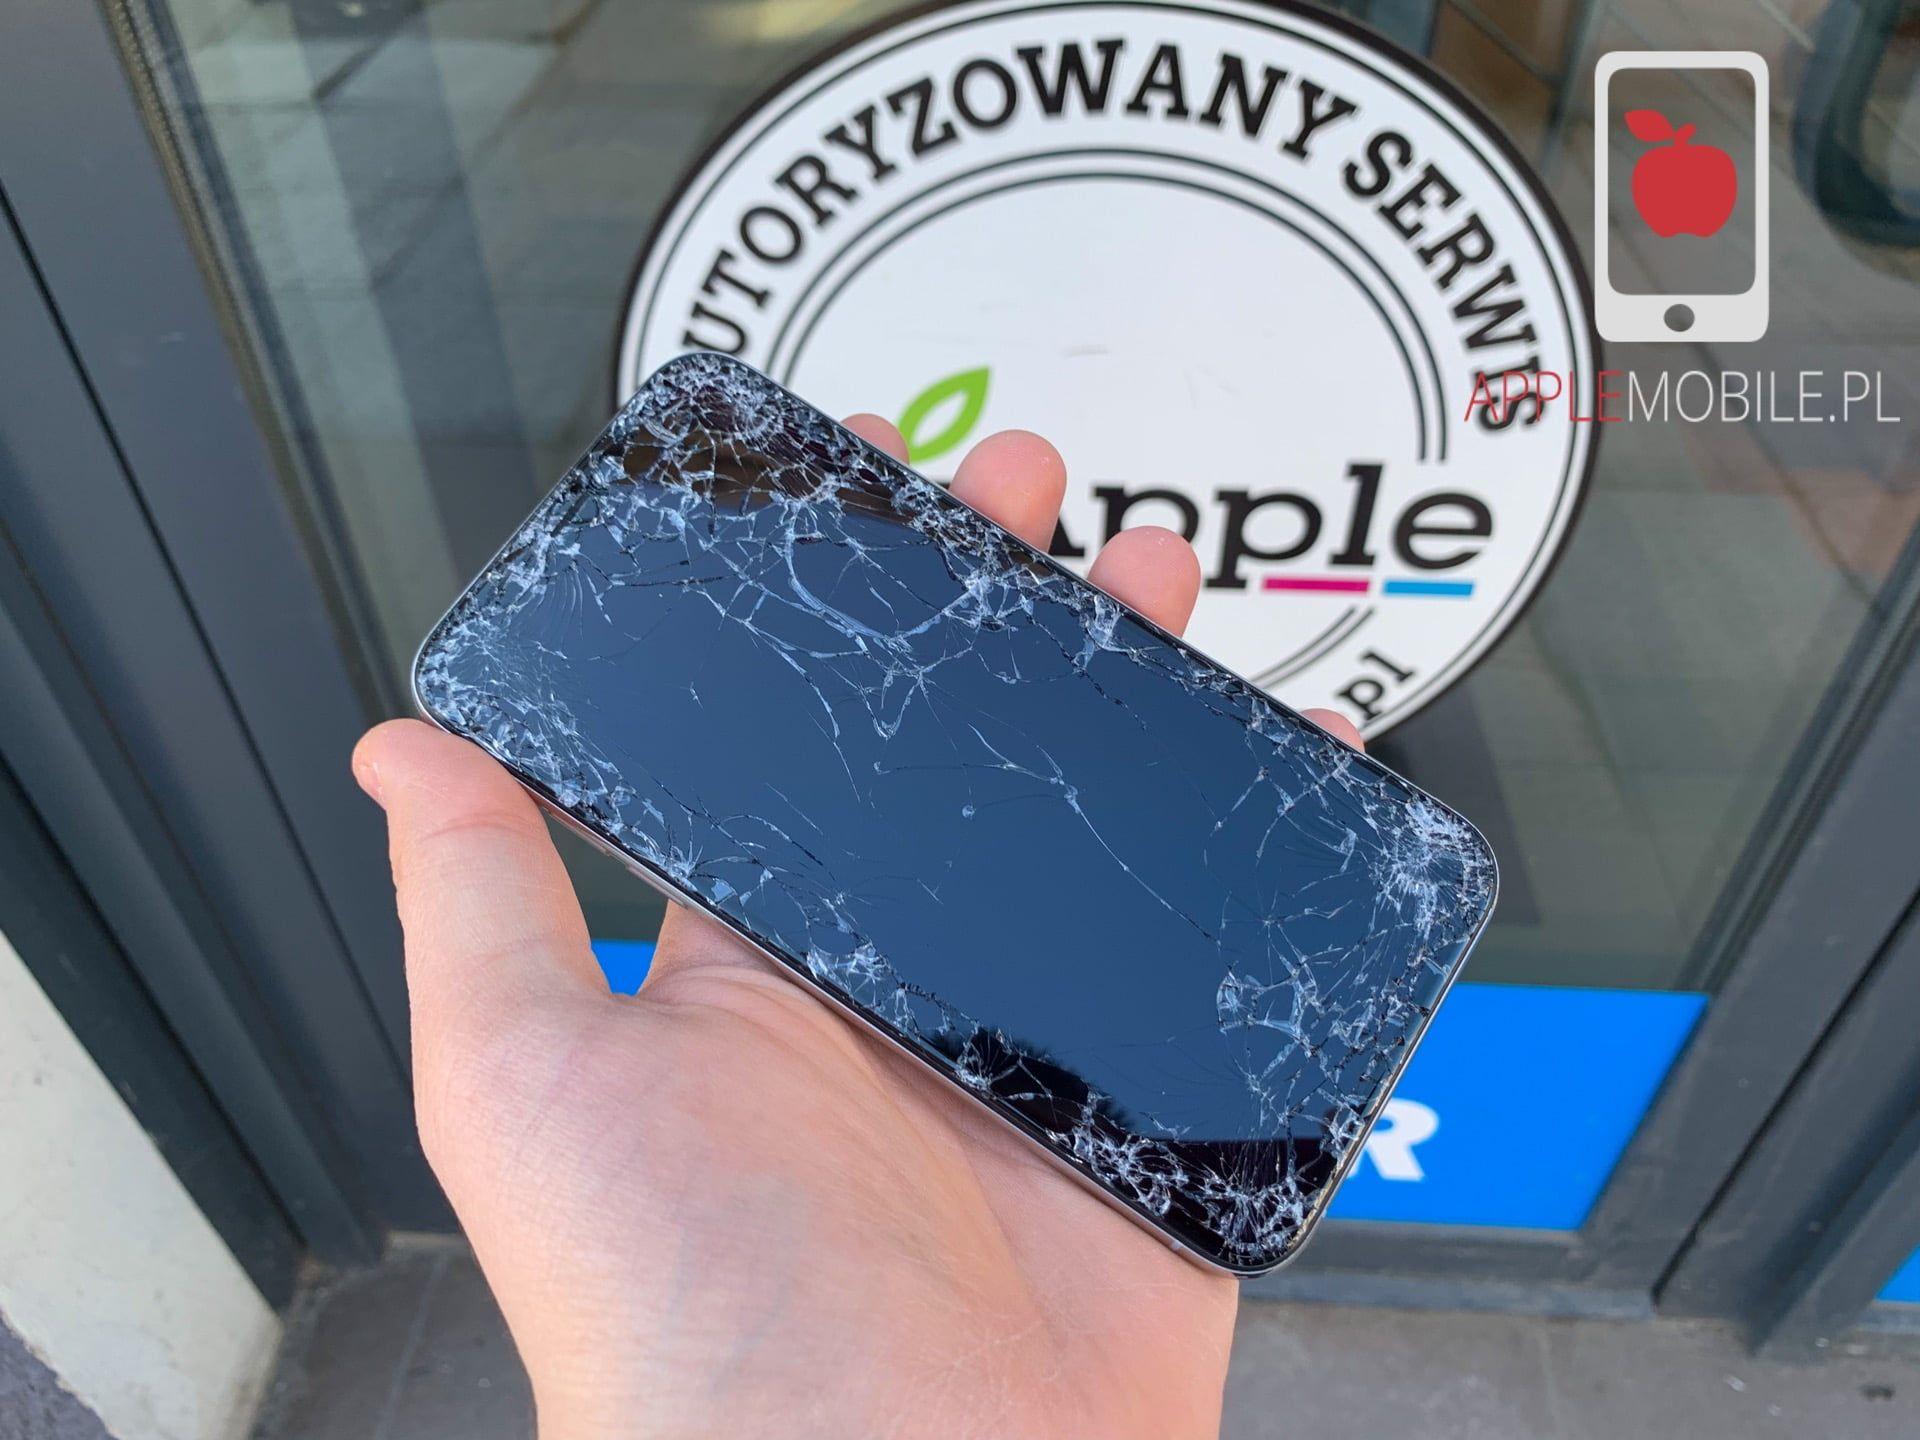 Serwis iPhone Szczecin